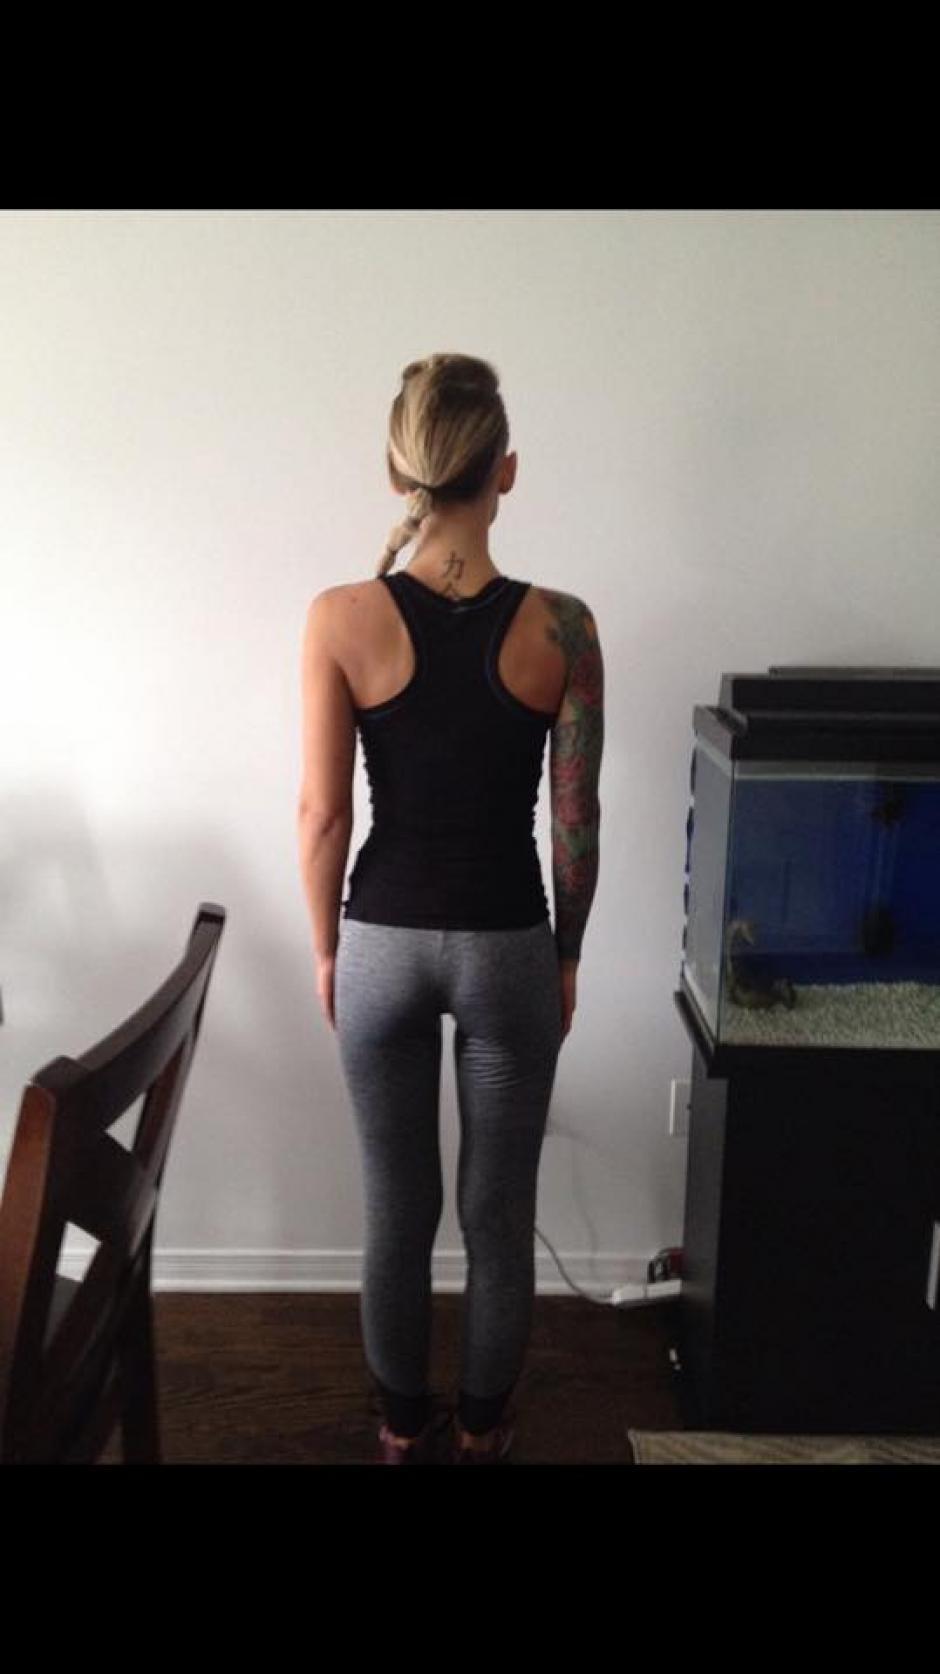 La joven mujer canadiense iba acompañada de su esposo el día que la echaron del gimnasio. (Foto: FB Jenna Vecchio)